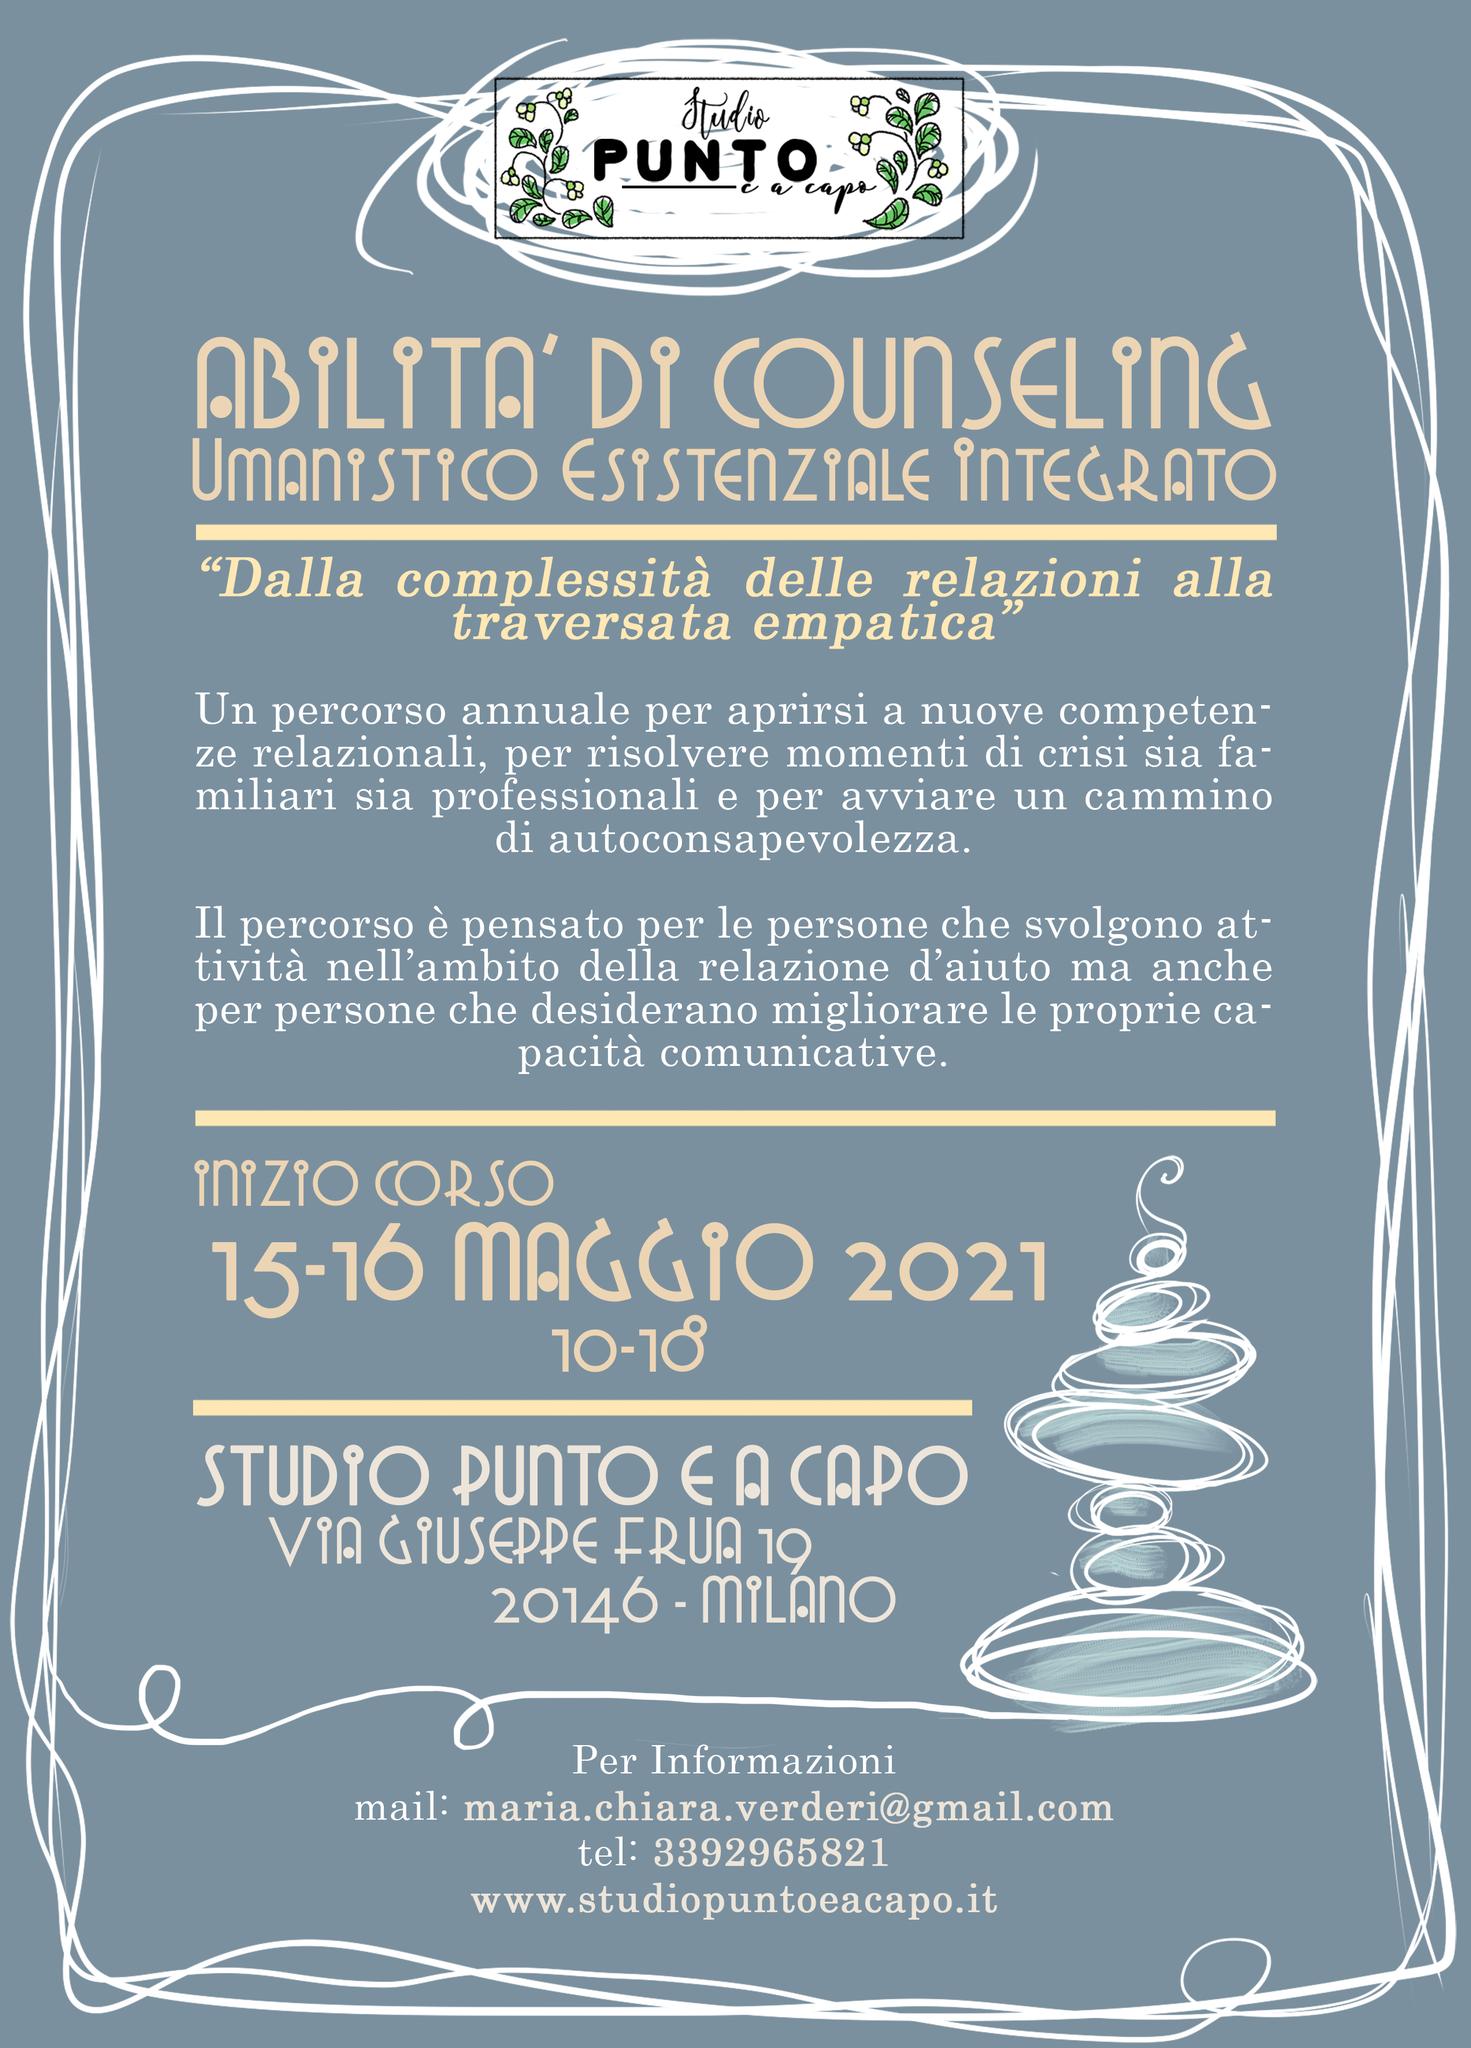 Milano, 18 e 19 Settembre 2021, Primo weekend del Corso Abilità di Counseling, con Maria Chiara Verderi, dott. Anna Salvadori, Massimo Pittella e dott. Franco Radice